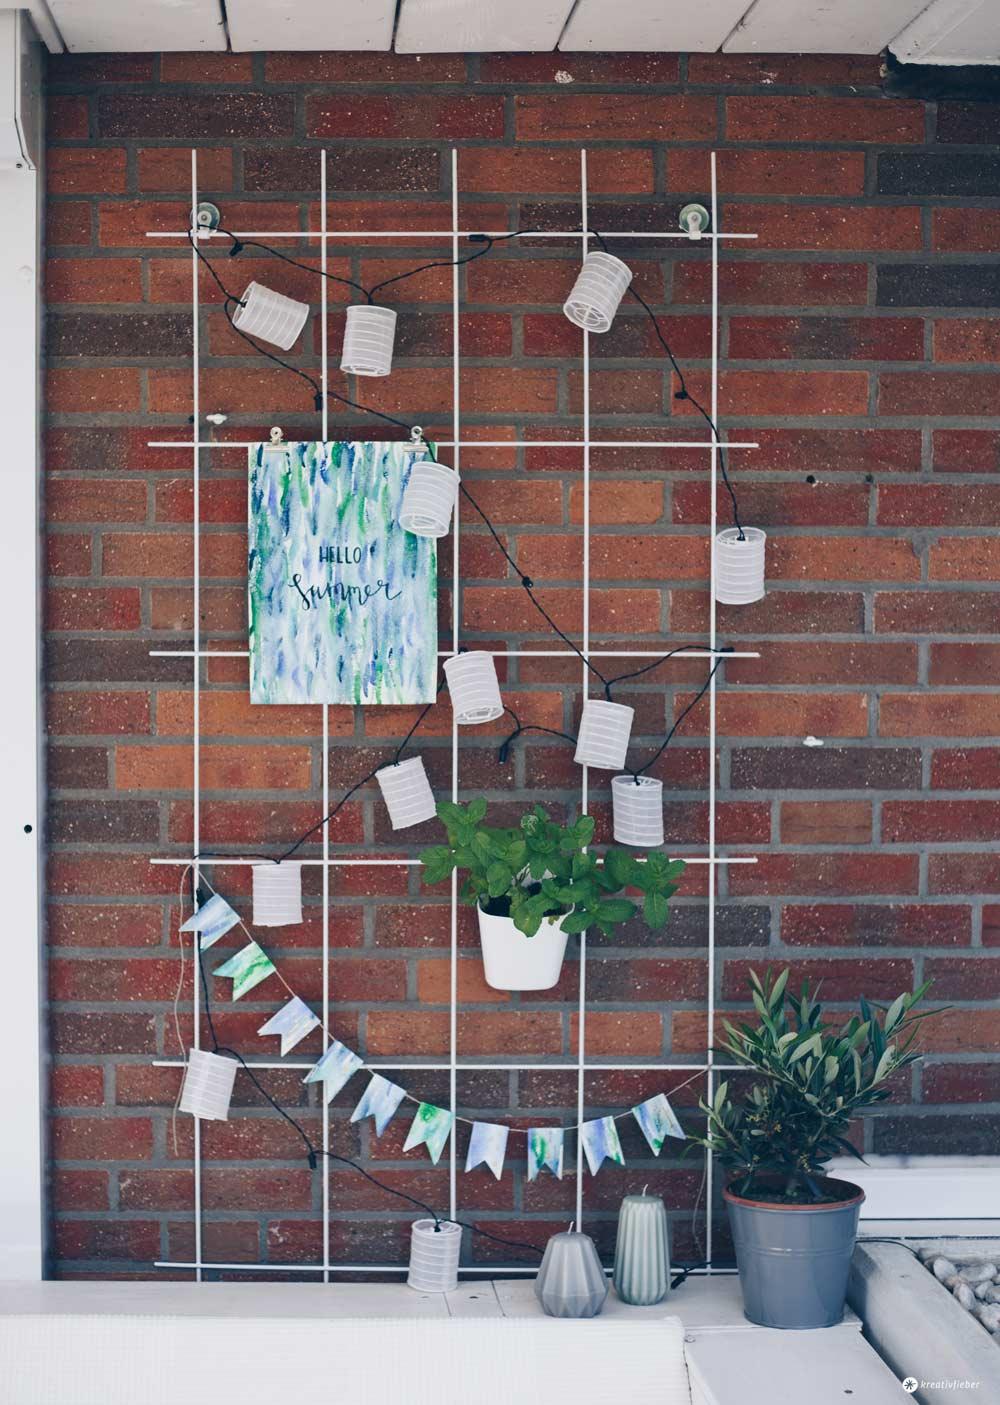 DIY Pflanzengitter Dekoboard für den Garten - So kann man Papier wasserabweisend machen - Gartendeko DIY